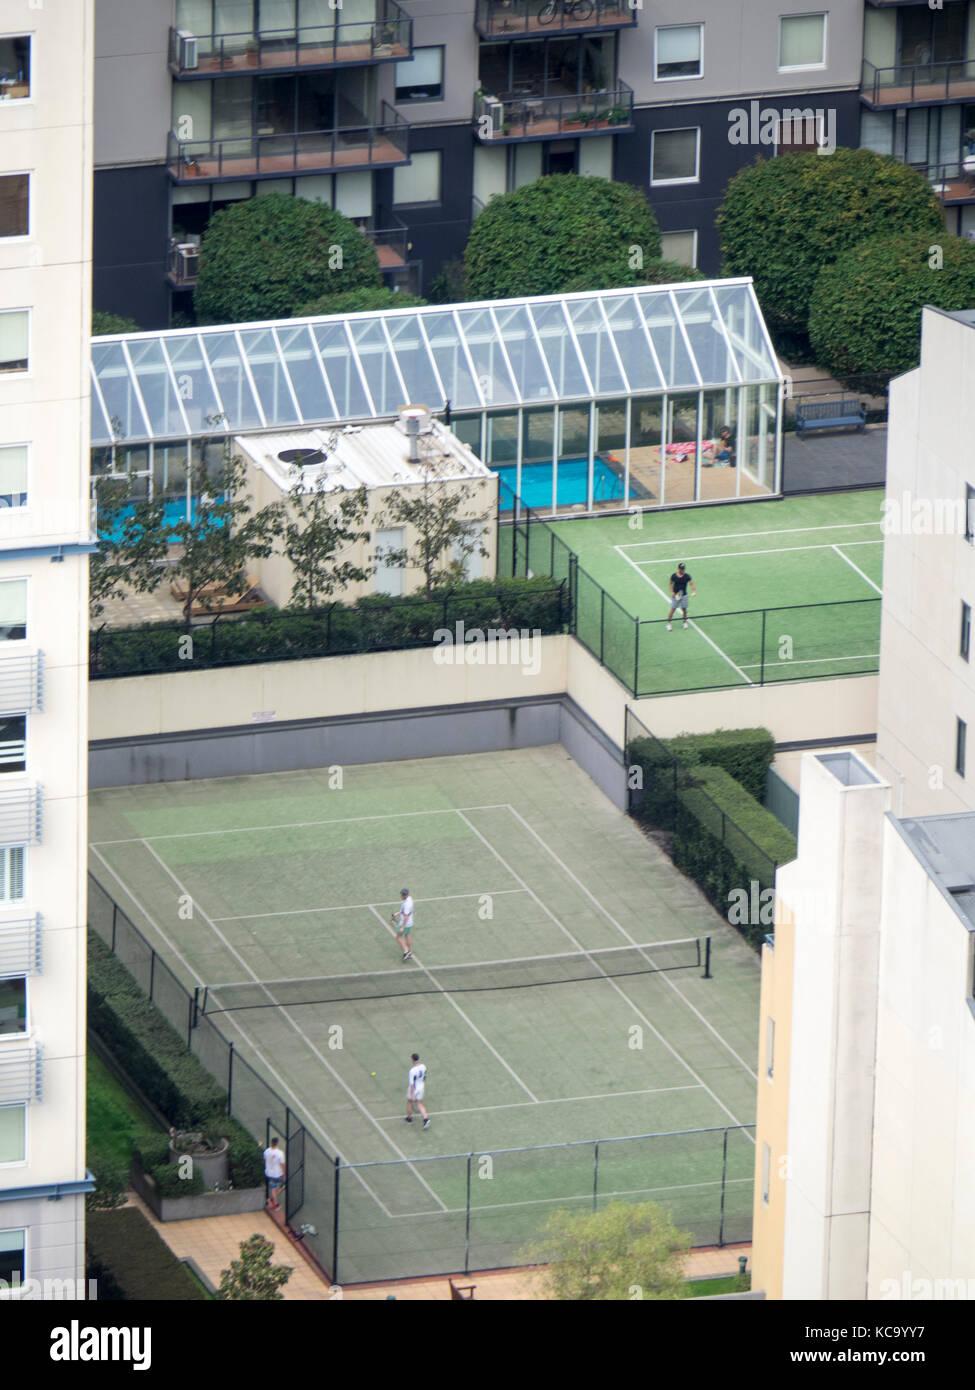 Dos pistas de tenis situadas en desarrollos de vivienda de gran altura central en el centro de Melbourne, Victoria, Imagen De Stock